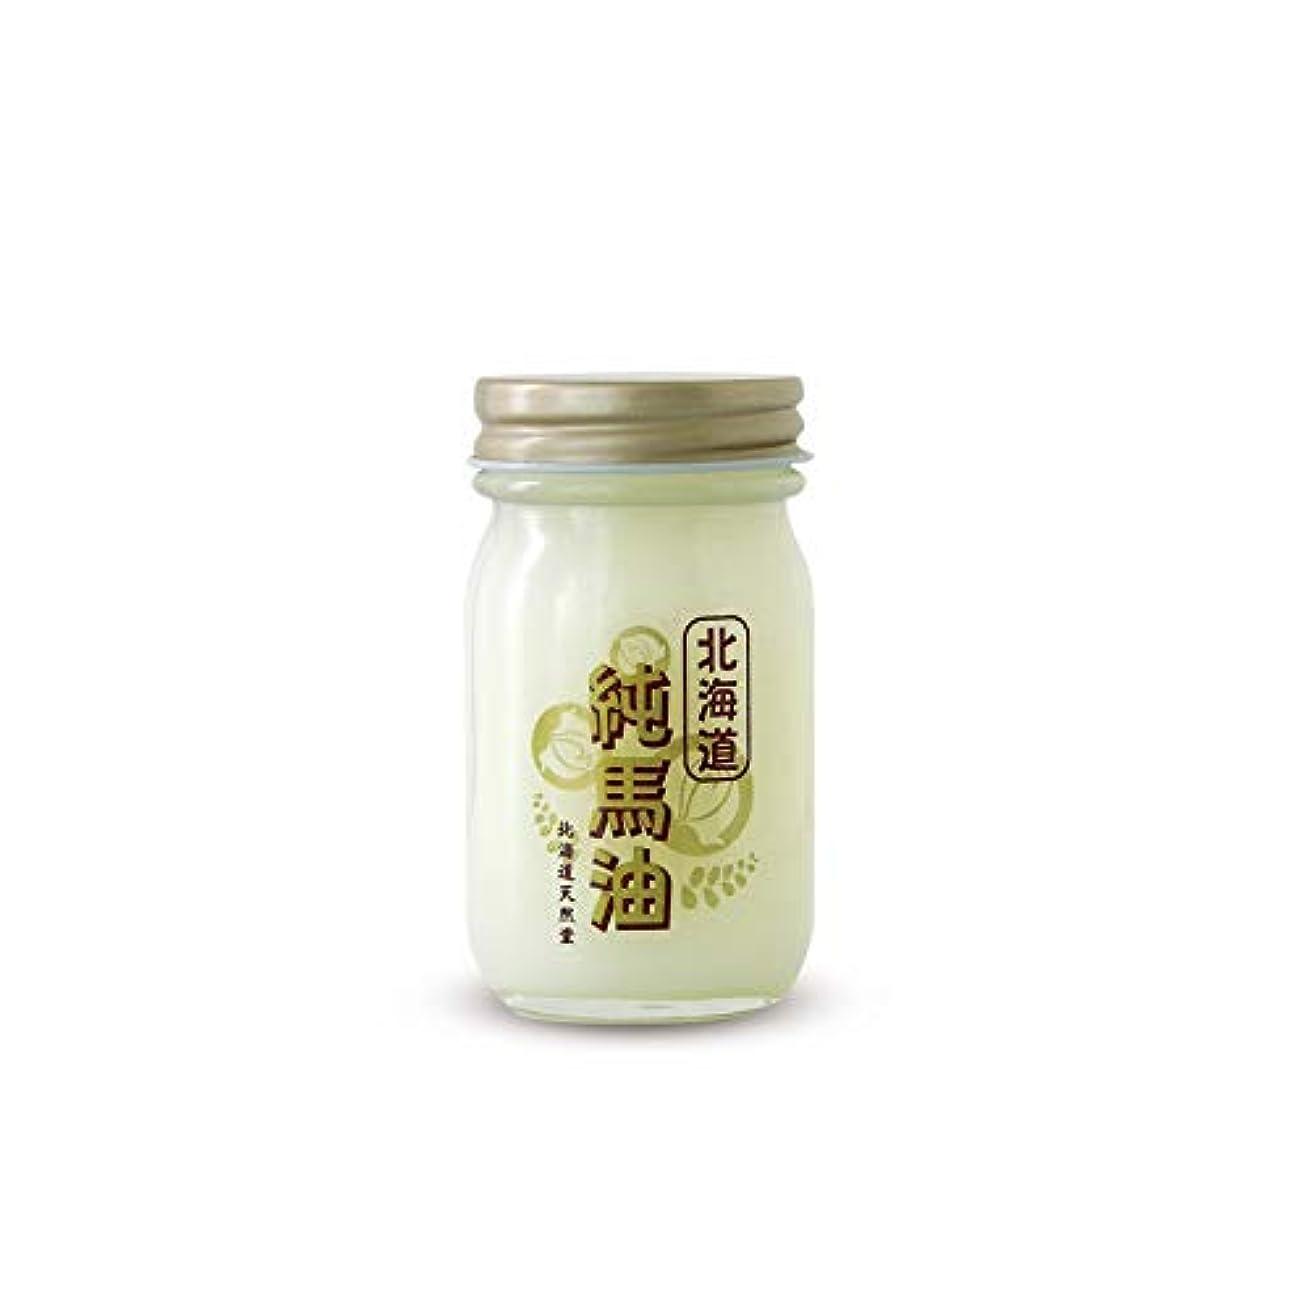 マークダウン商人氏純馬油 70ml 【国内限定】/ 北海道天然堂